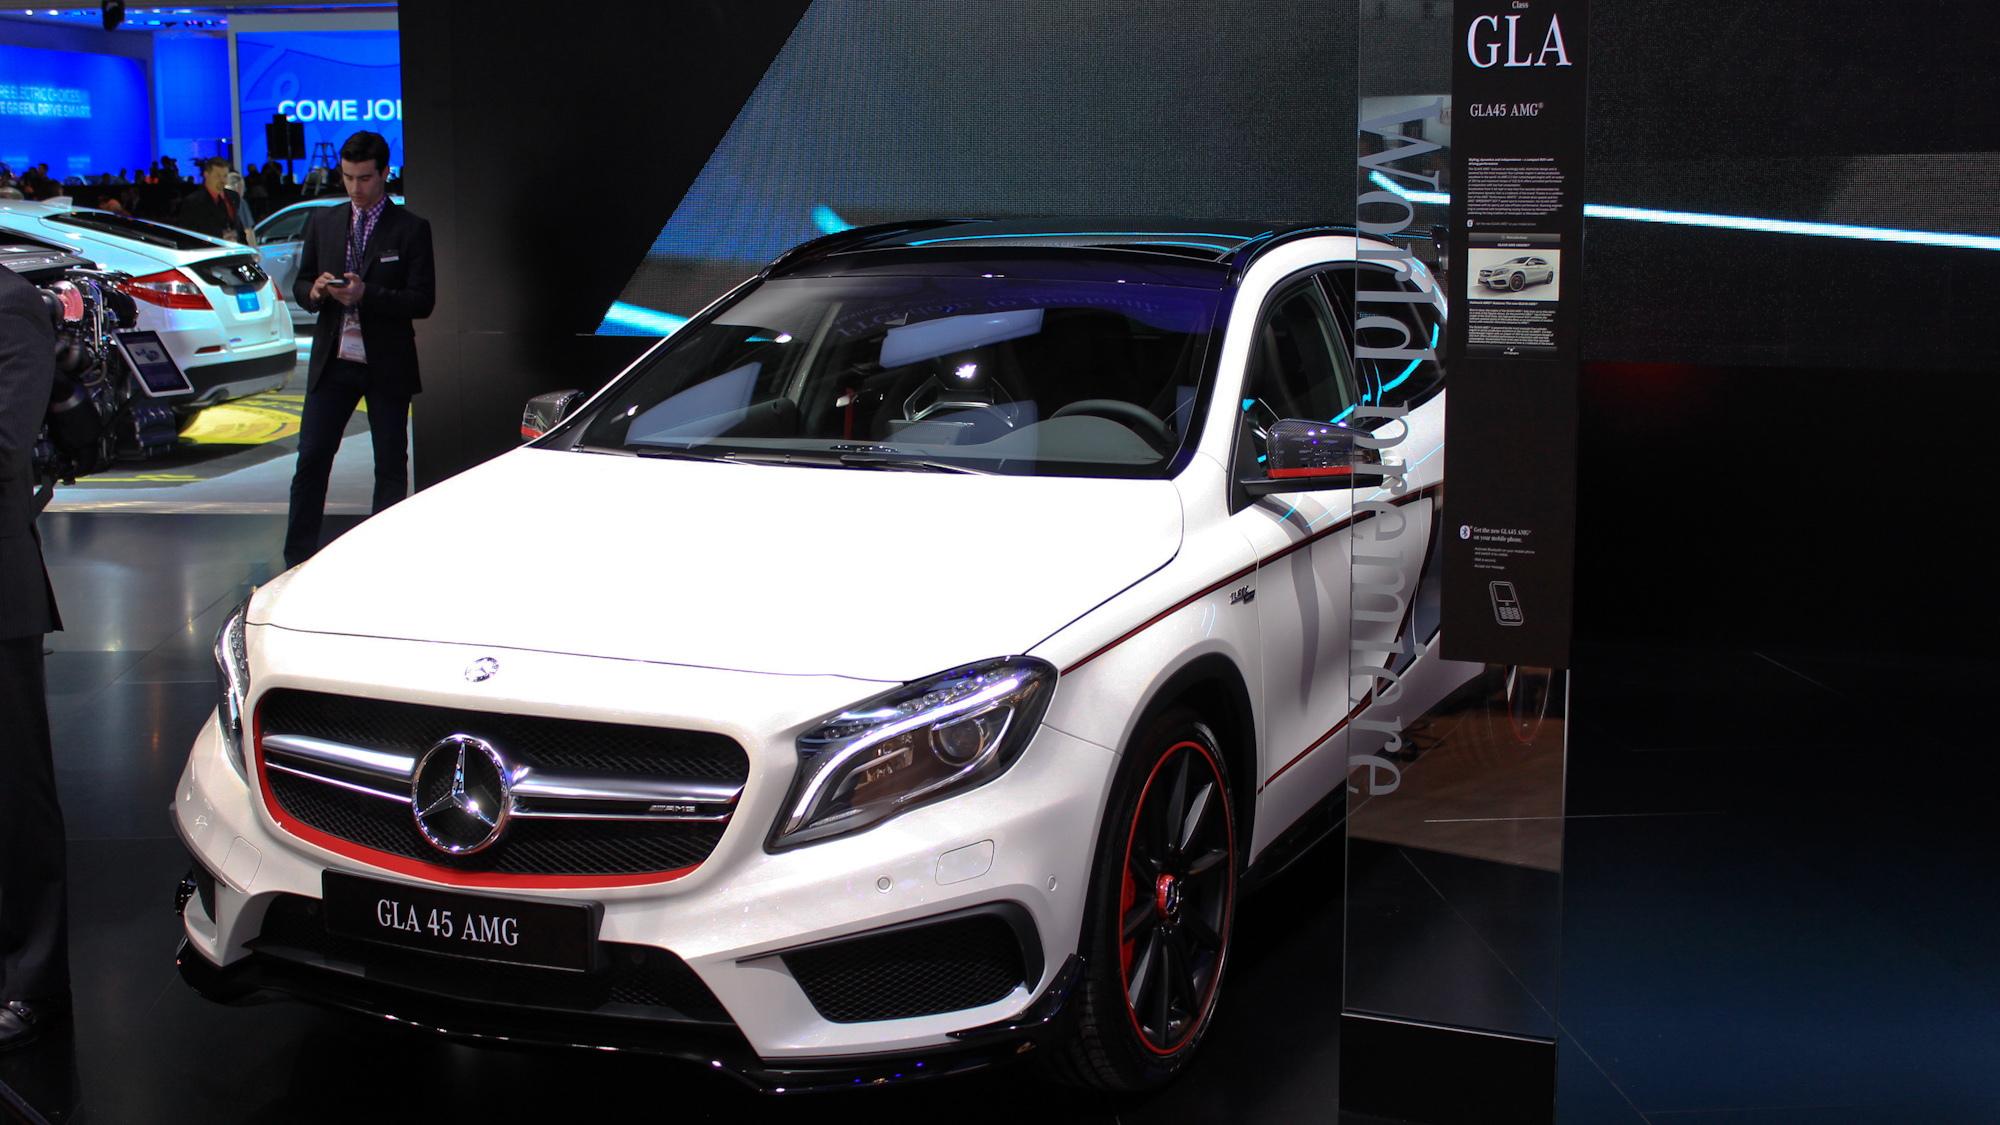 2015 Mercedes-Benz GLA45 AMG live photos, 2014 Detroit Auto Show